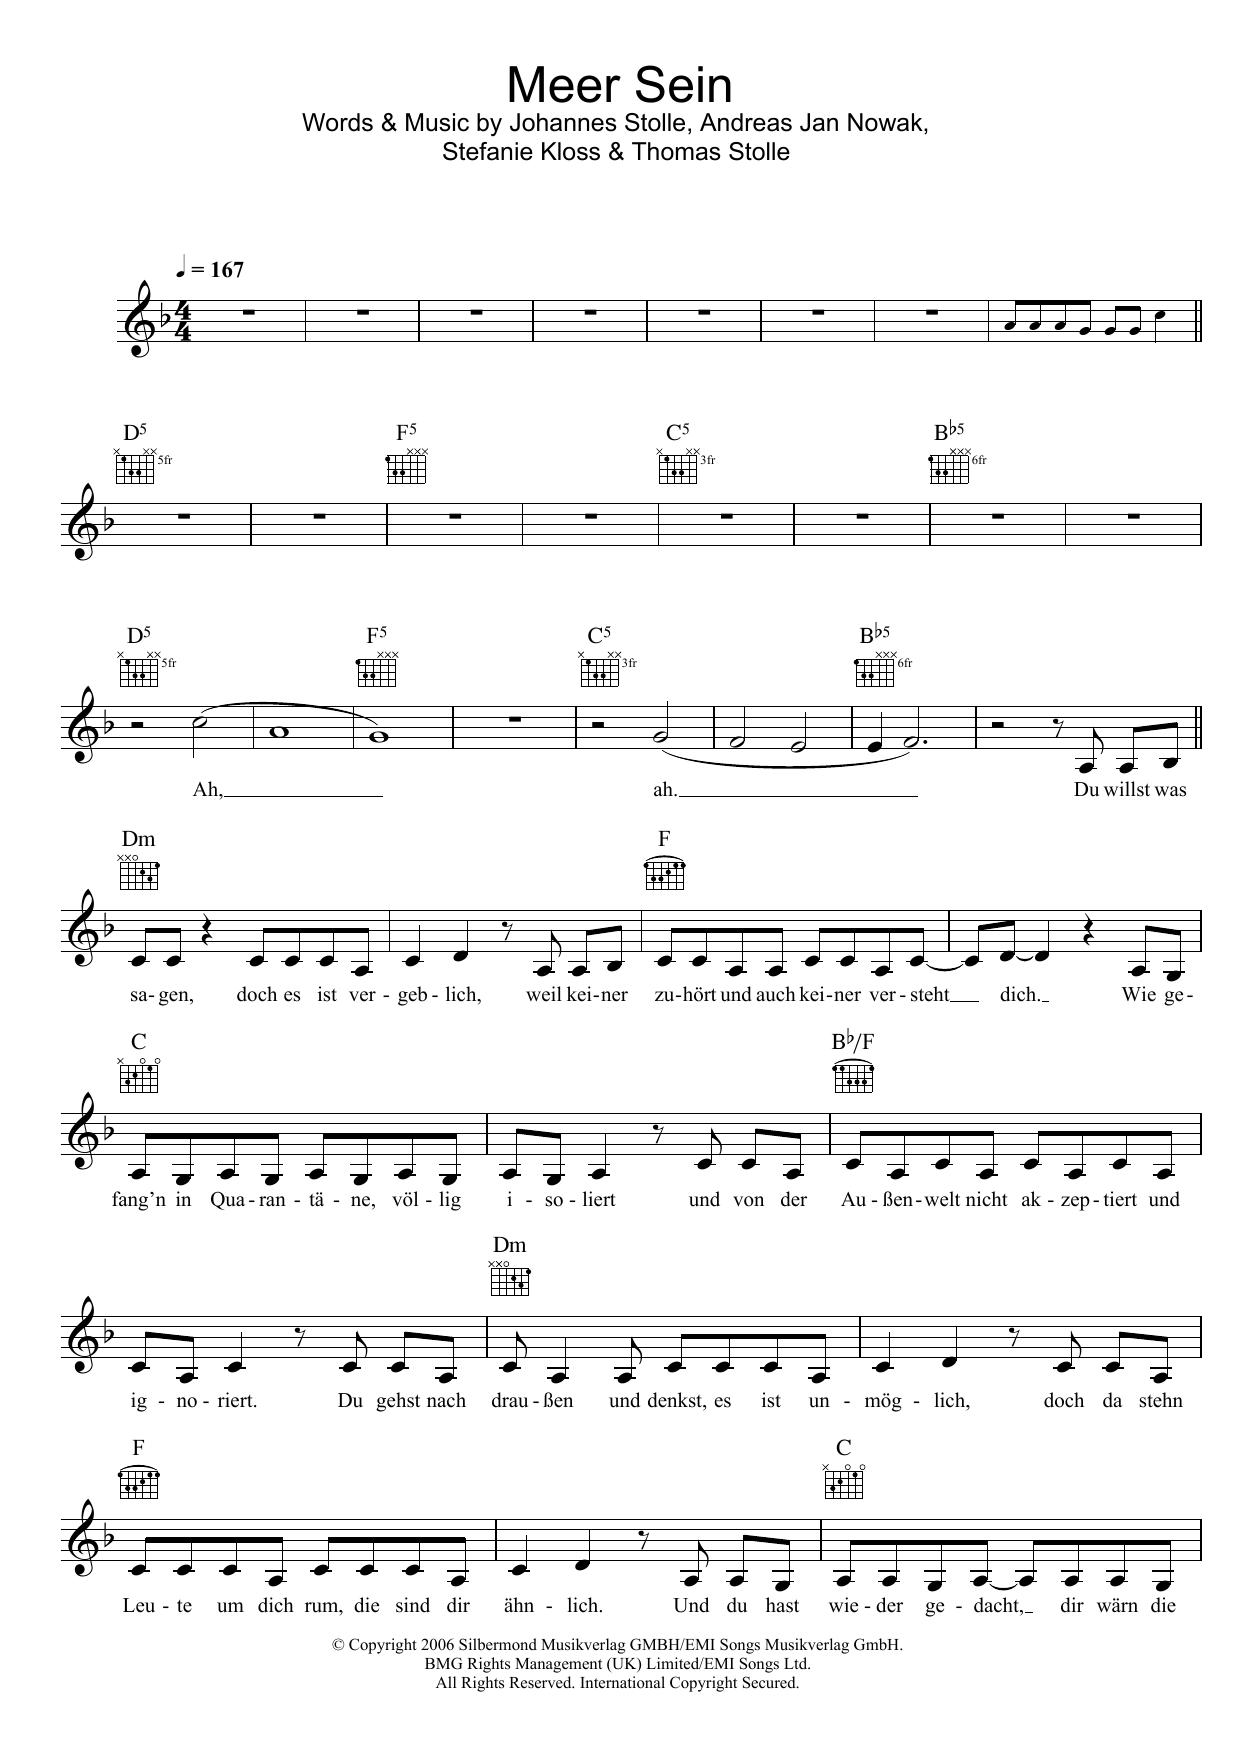 Meer Sein Sheet Music